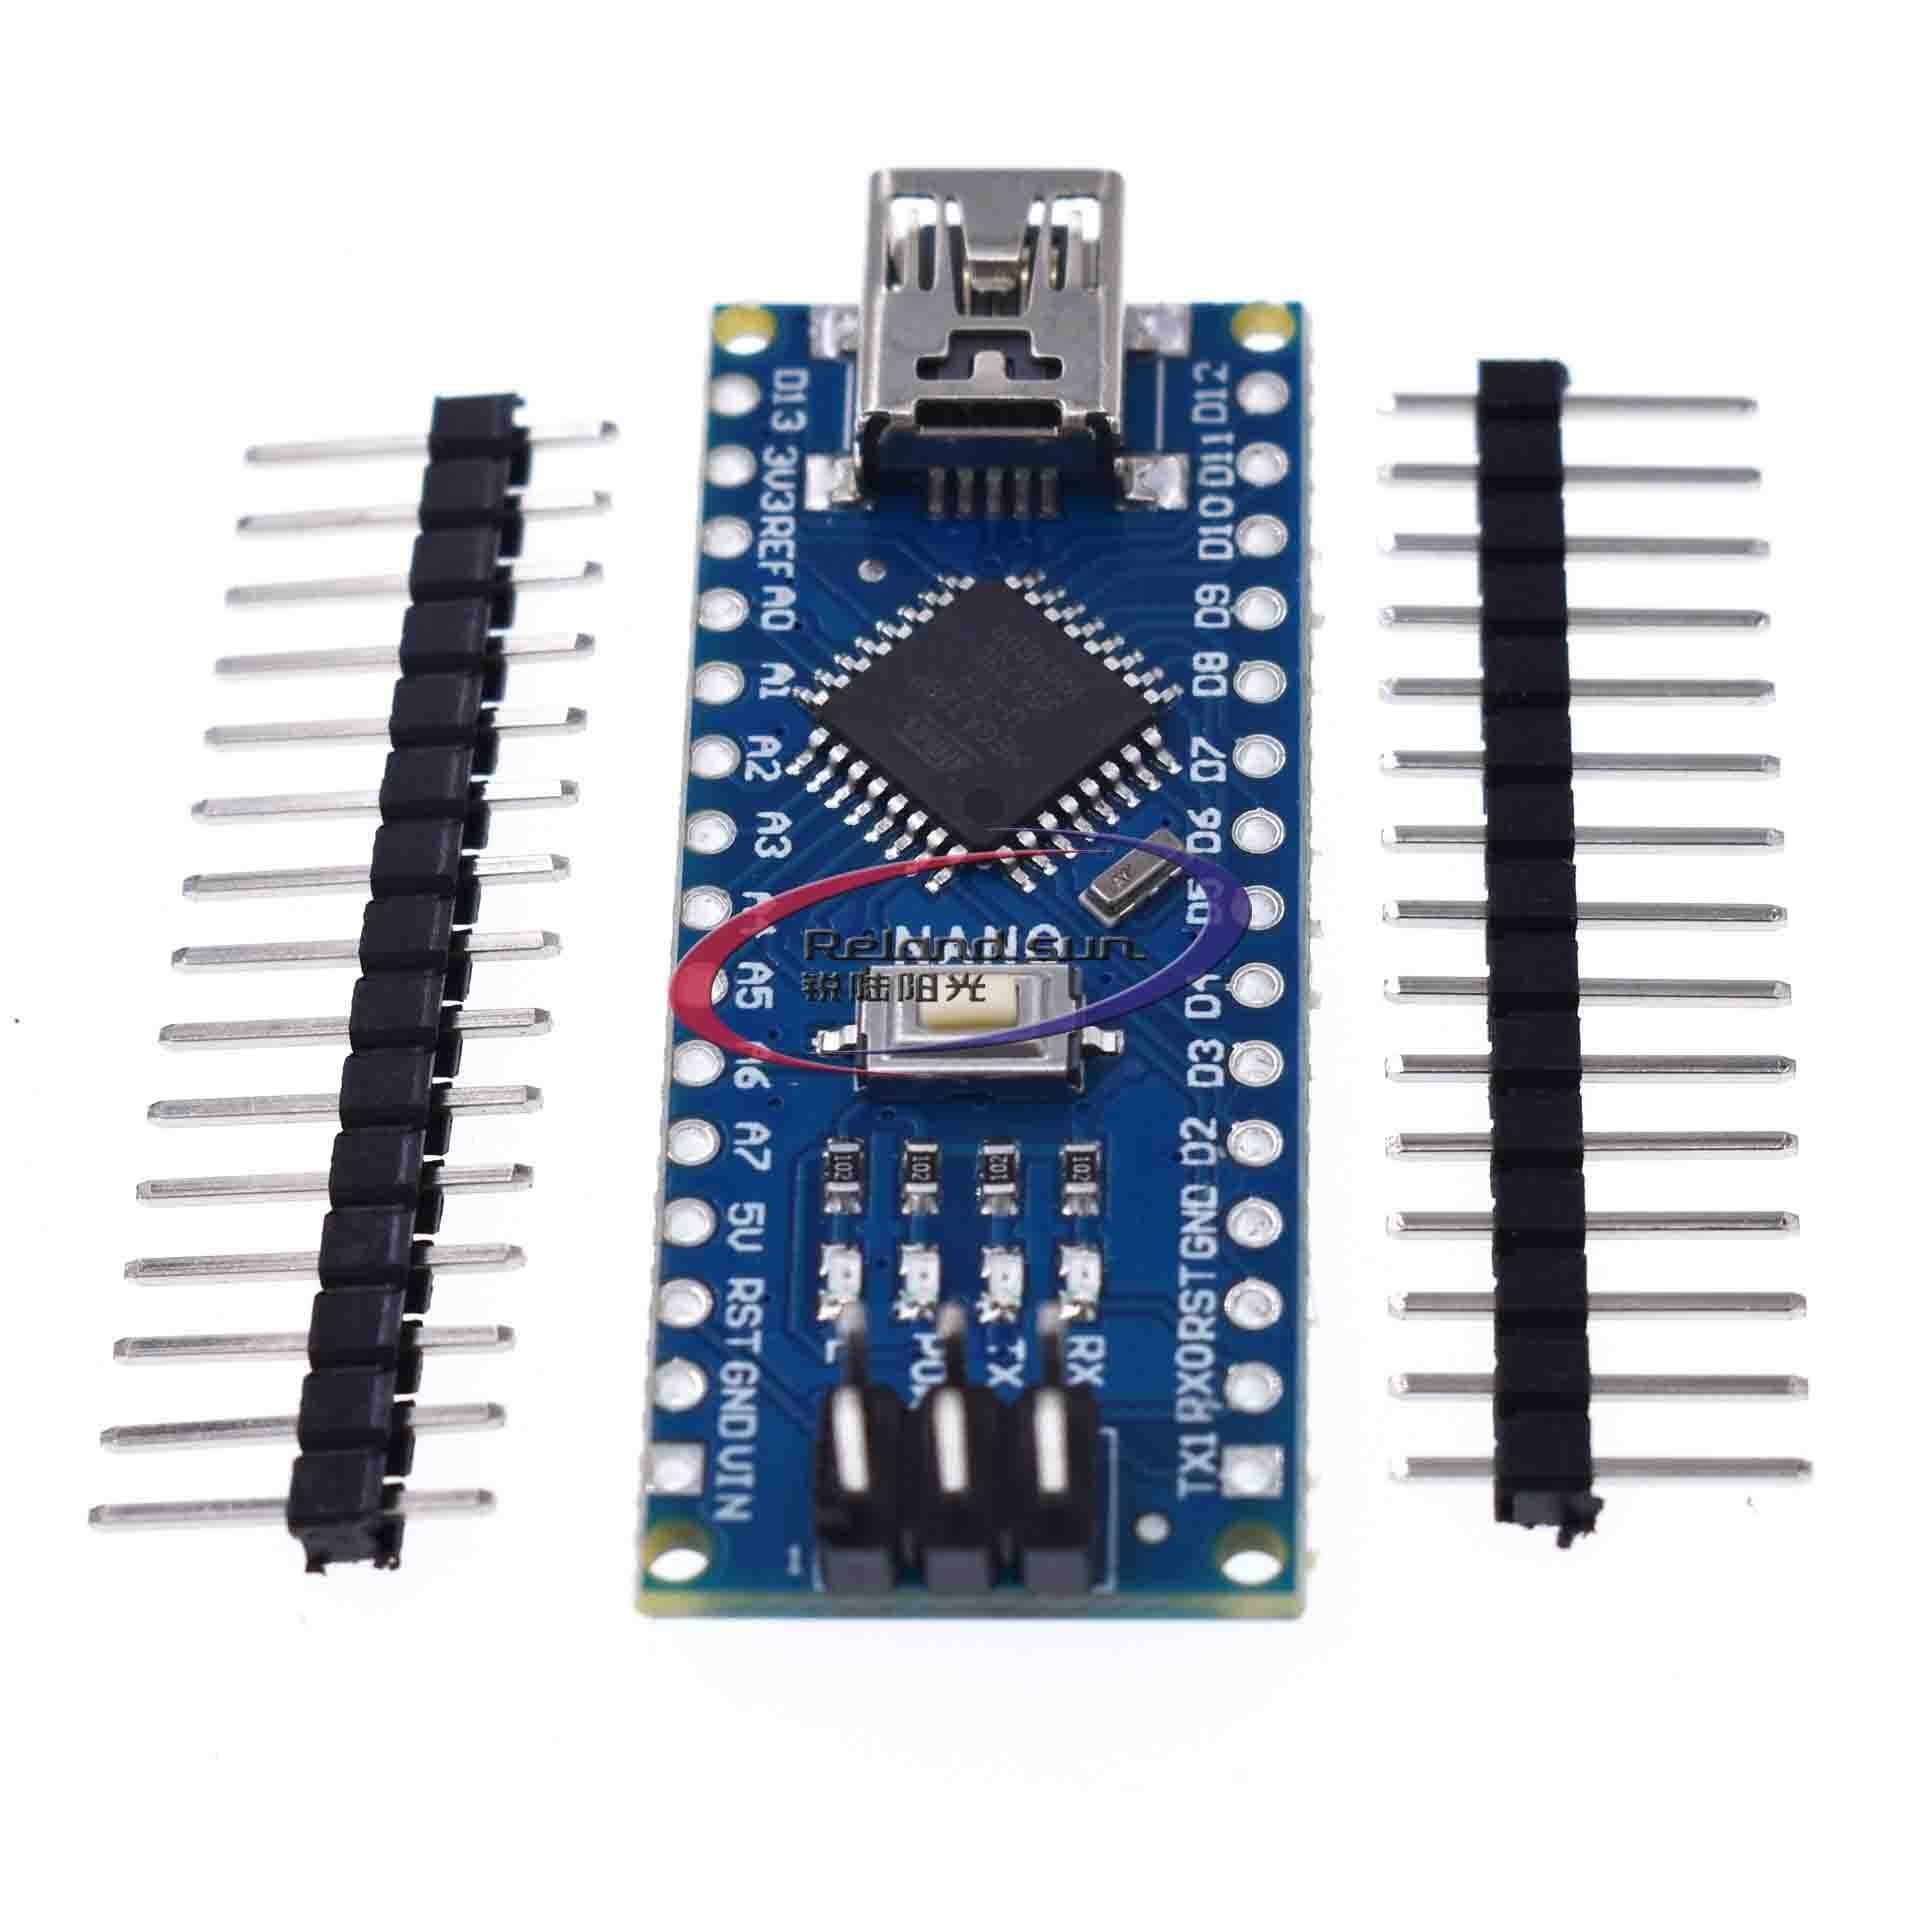 2 Chiếc Nano 3.0 V3.0 Bộ Điều Khiển Tương Thích Cho Arduino CH340 CH340G USB Driver ATmega328 Ban ATmega328P Không Cáp DIY